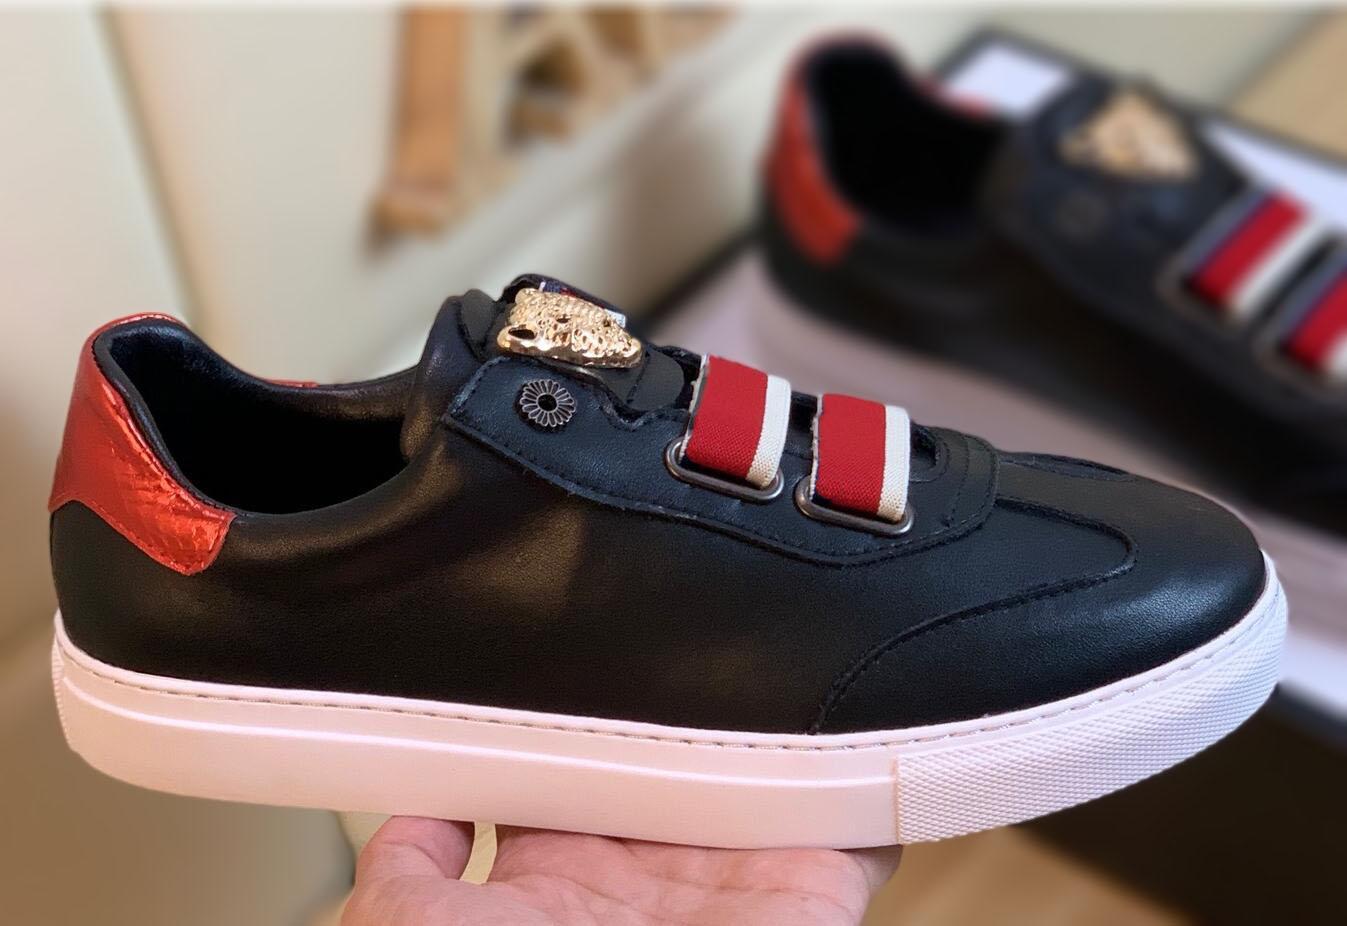 2020 de Moda de Nova Mens Womens Designer couro genuíno Top Casual Plano Homens Designer Sneaker Outdoor Leopard cabeça logotipo calçados casuais